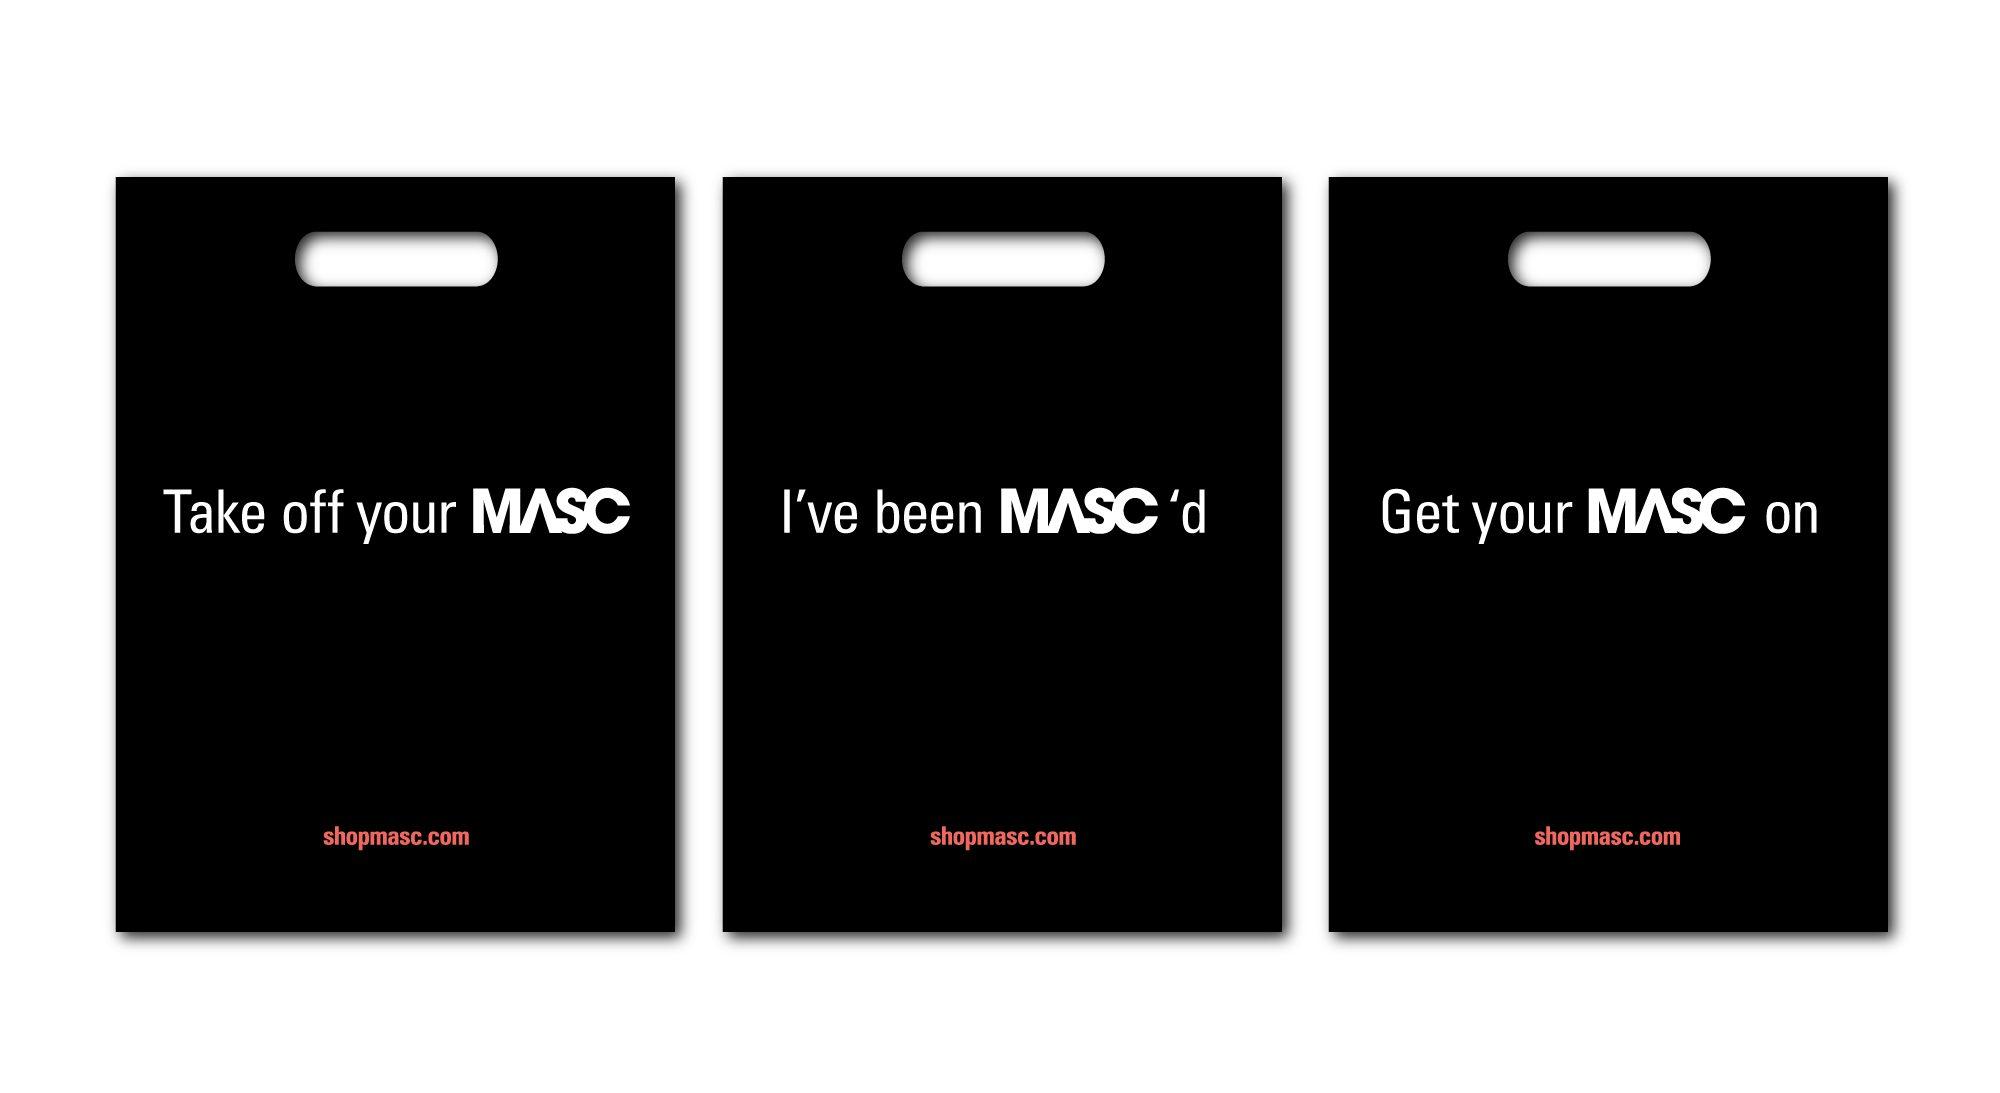 masc_bags